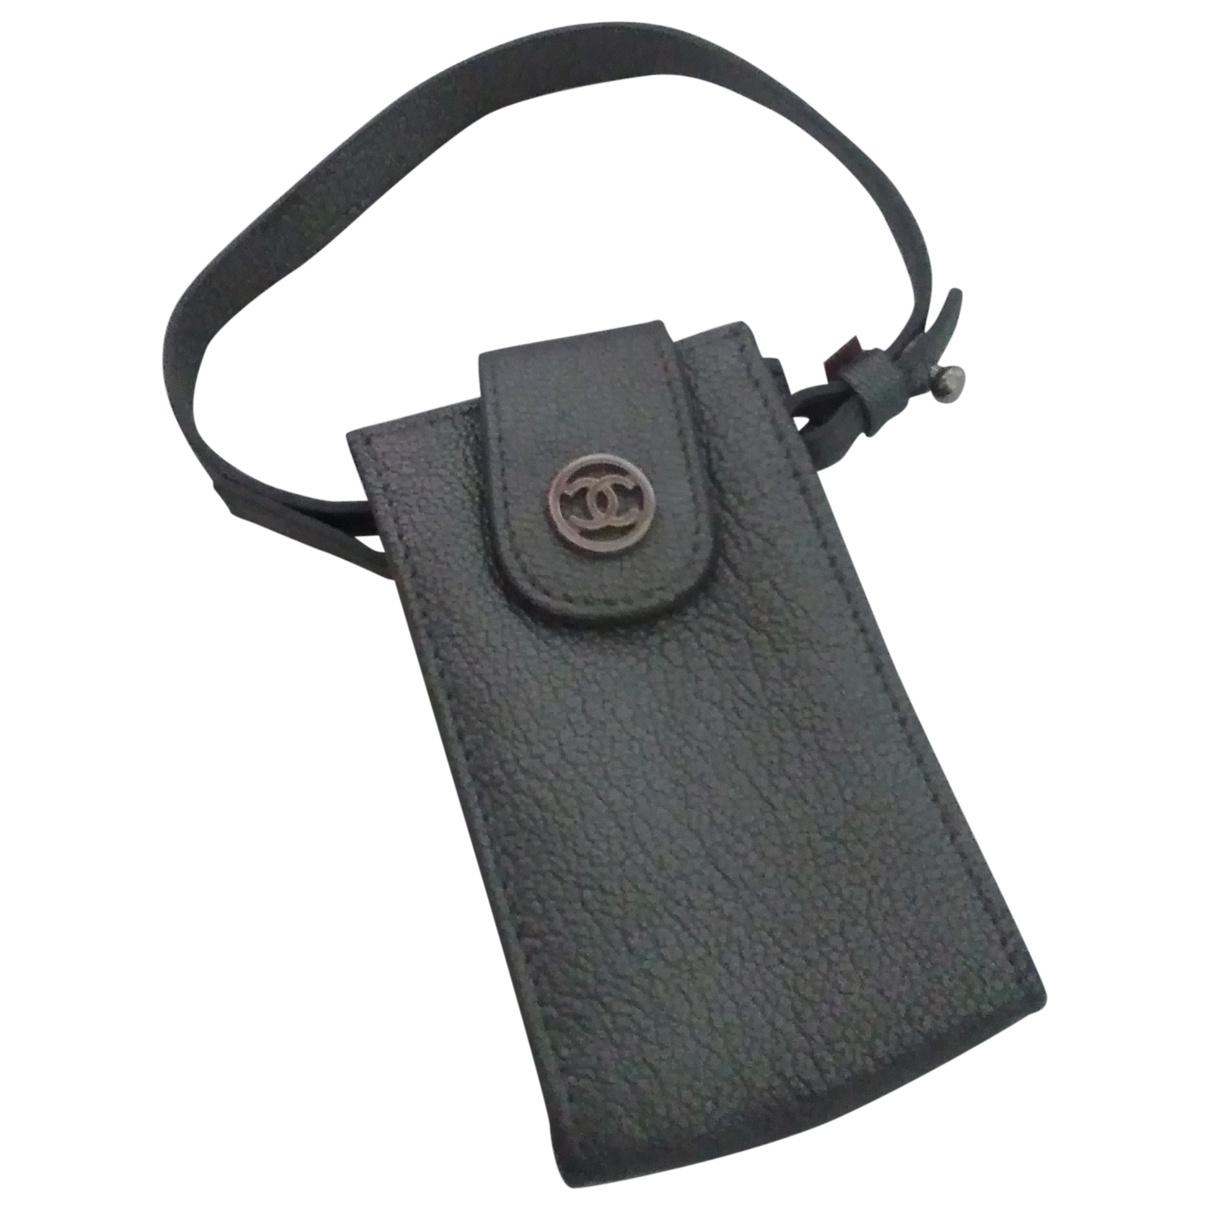 Chanel \N Grey Leather Clutch bag for Women \N